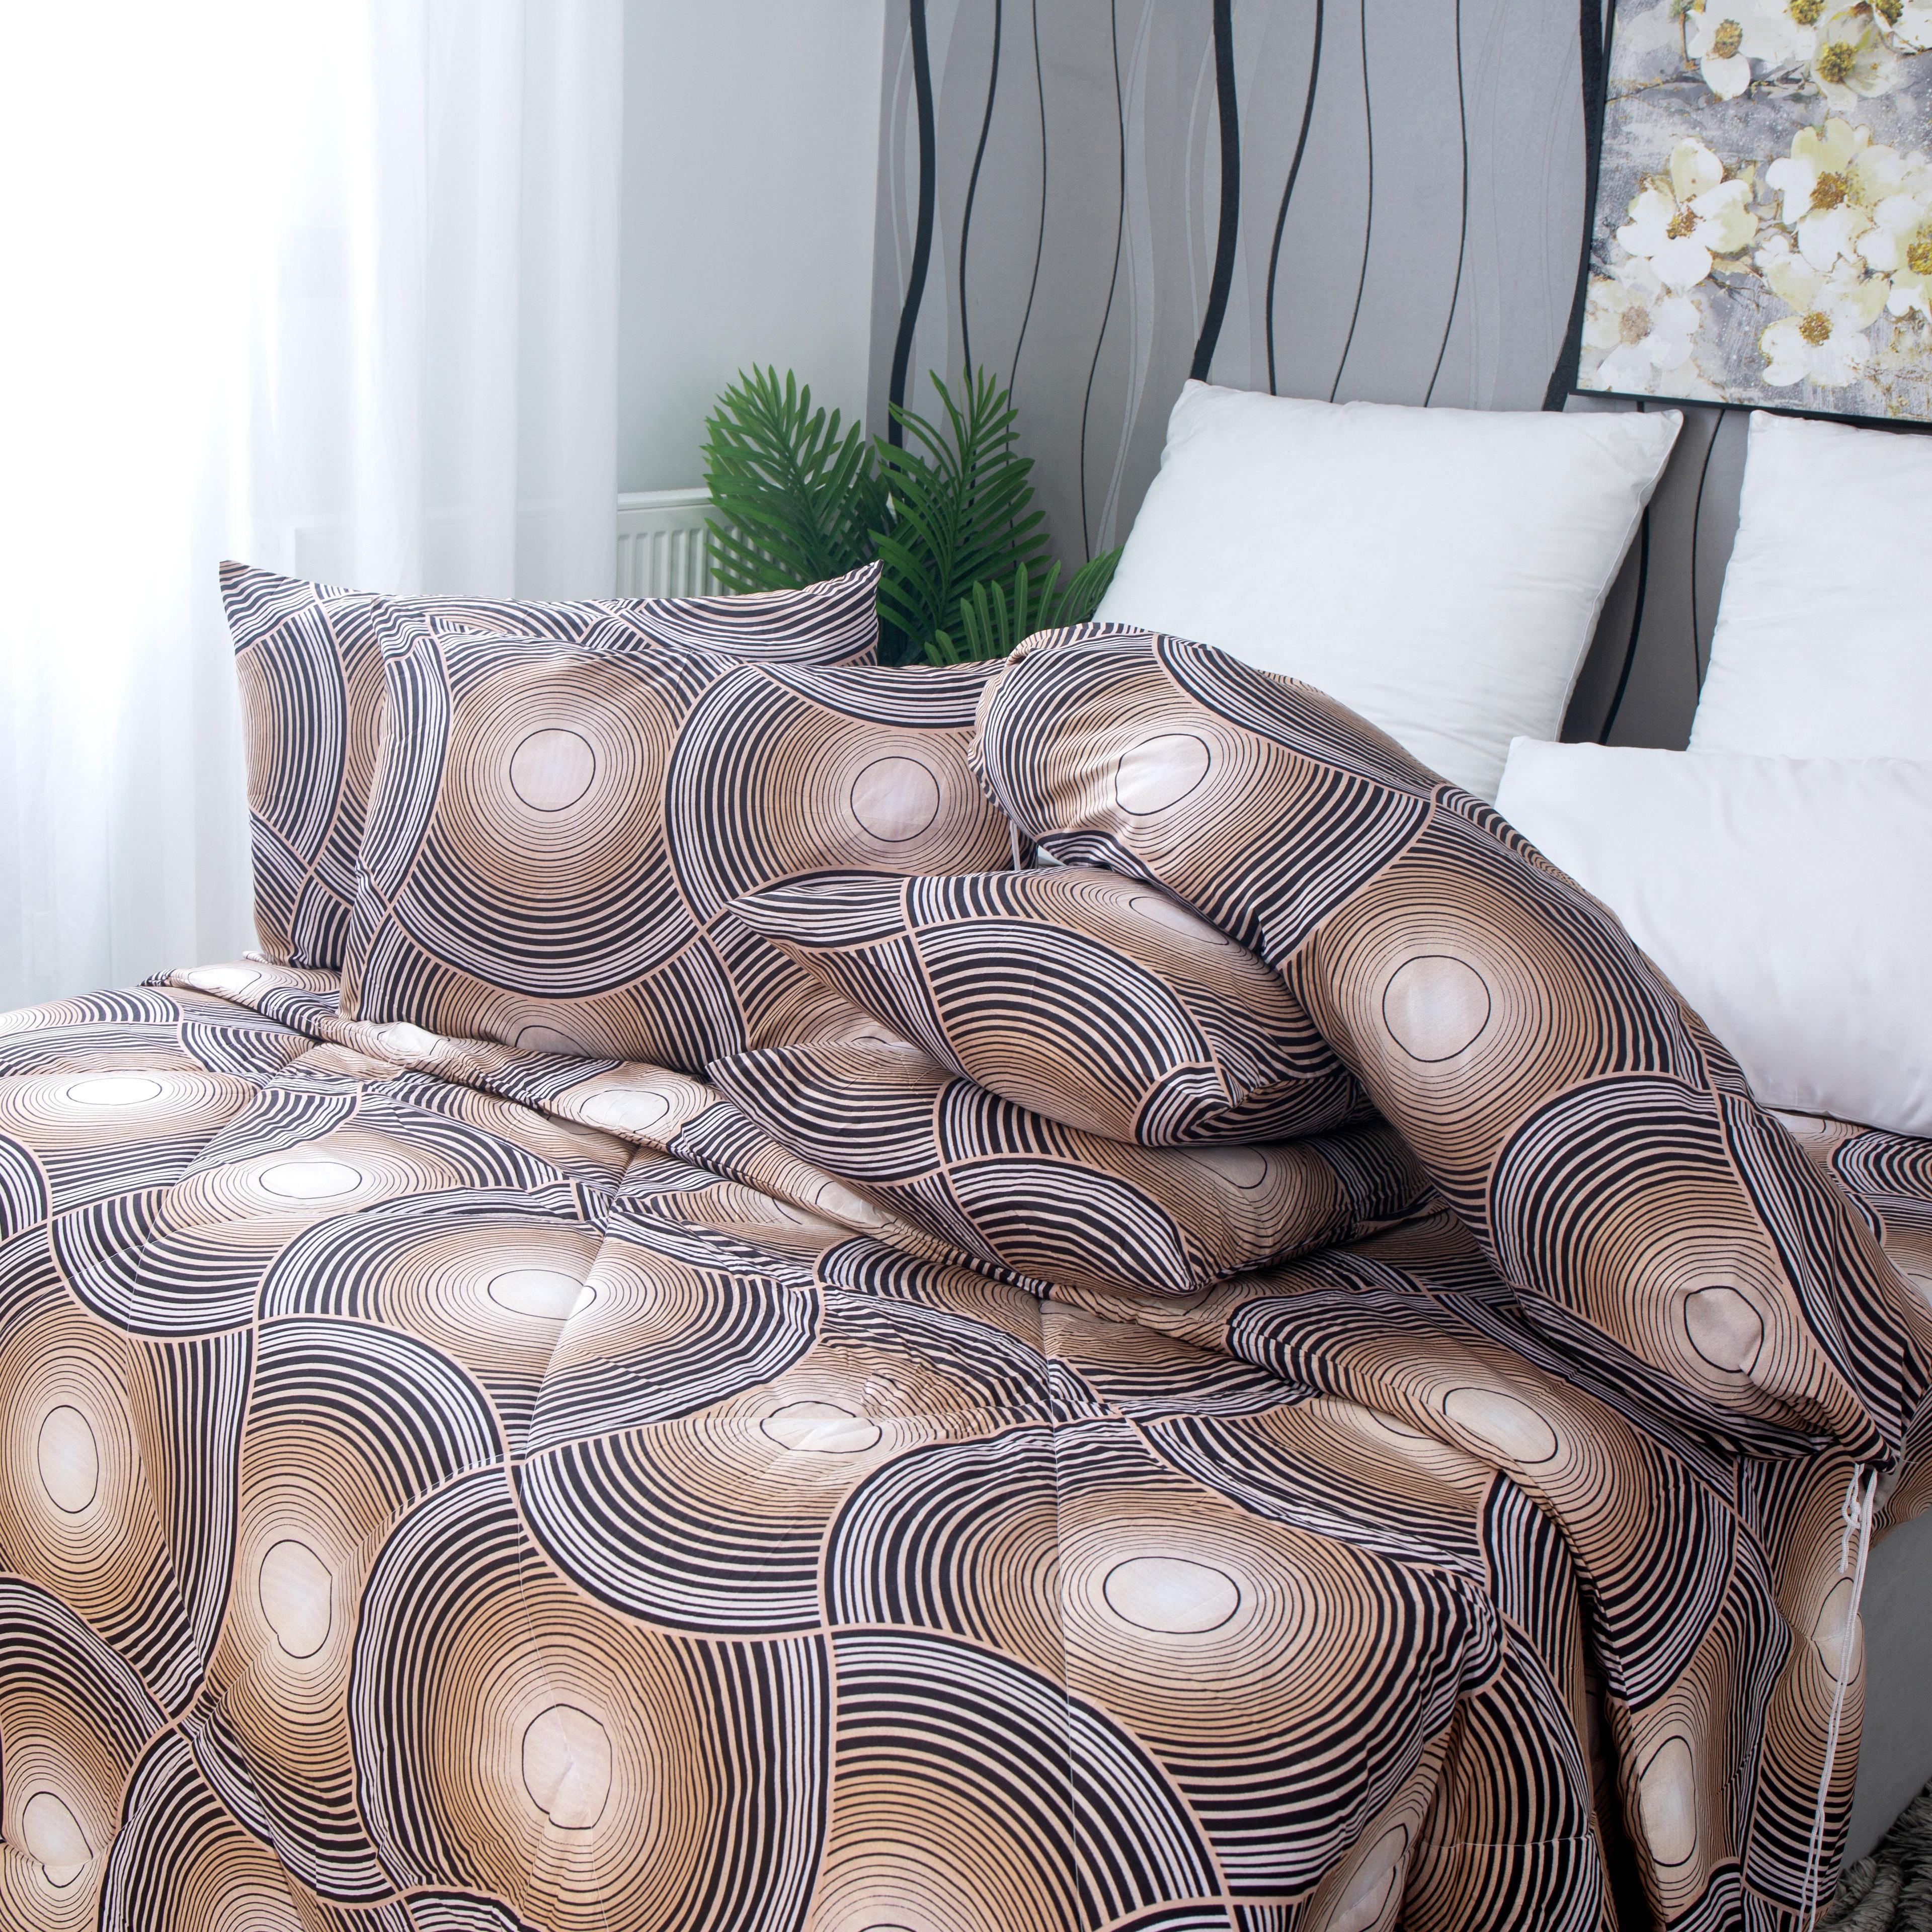 1 قطعة المجهزة ورقة السرير ملاءات مزدوجة الملكة حجم 180 سنتيمتر * 200 سنتيمتر فراش غطاء السرير (مع 5 المخدة) (لا حاف الغطاء)